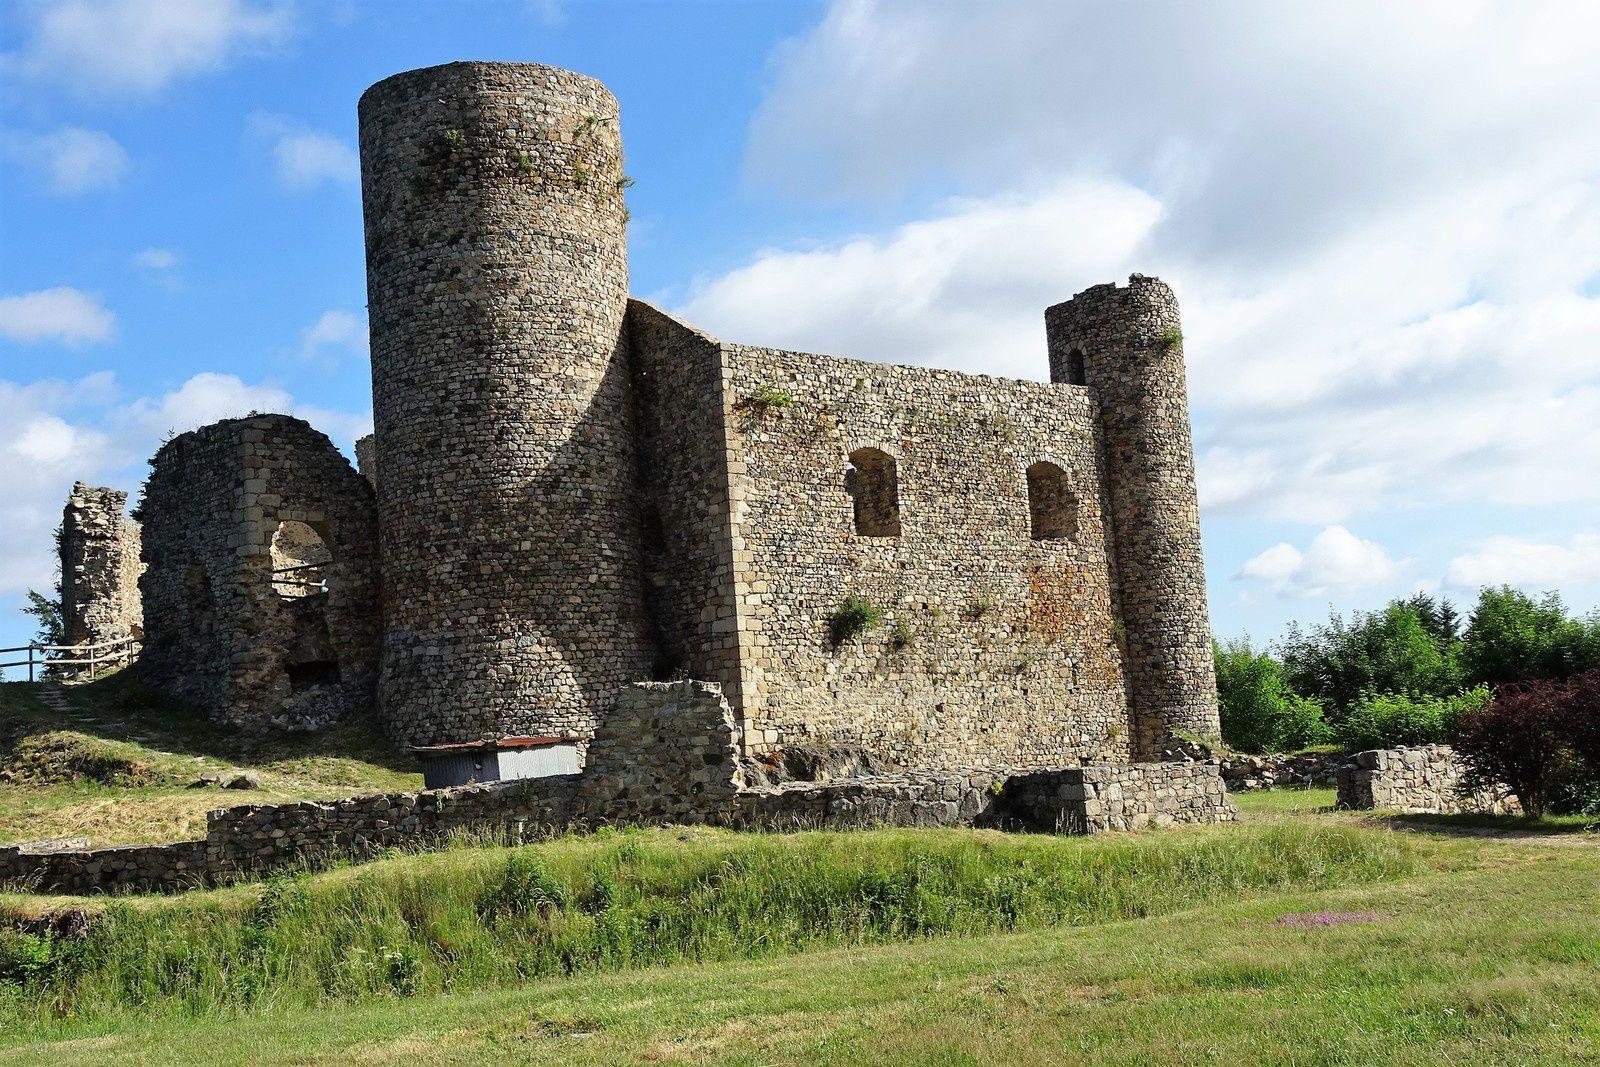 Le grand parcours passe par Cervières et le château des Cornes d'Urfé. Les ravitaillements sont nombreux et variés. En parlant ravitaillement je salue ceux qui les tenaient ainsi que tous les bénévoles qui ont fait une réussite de cette journée.